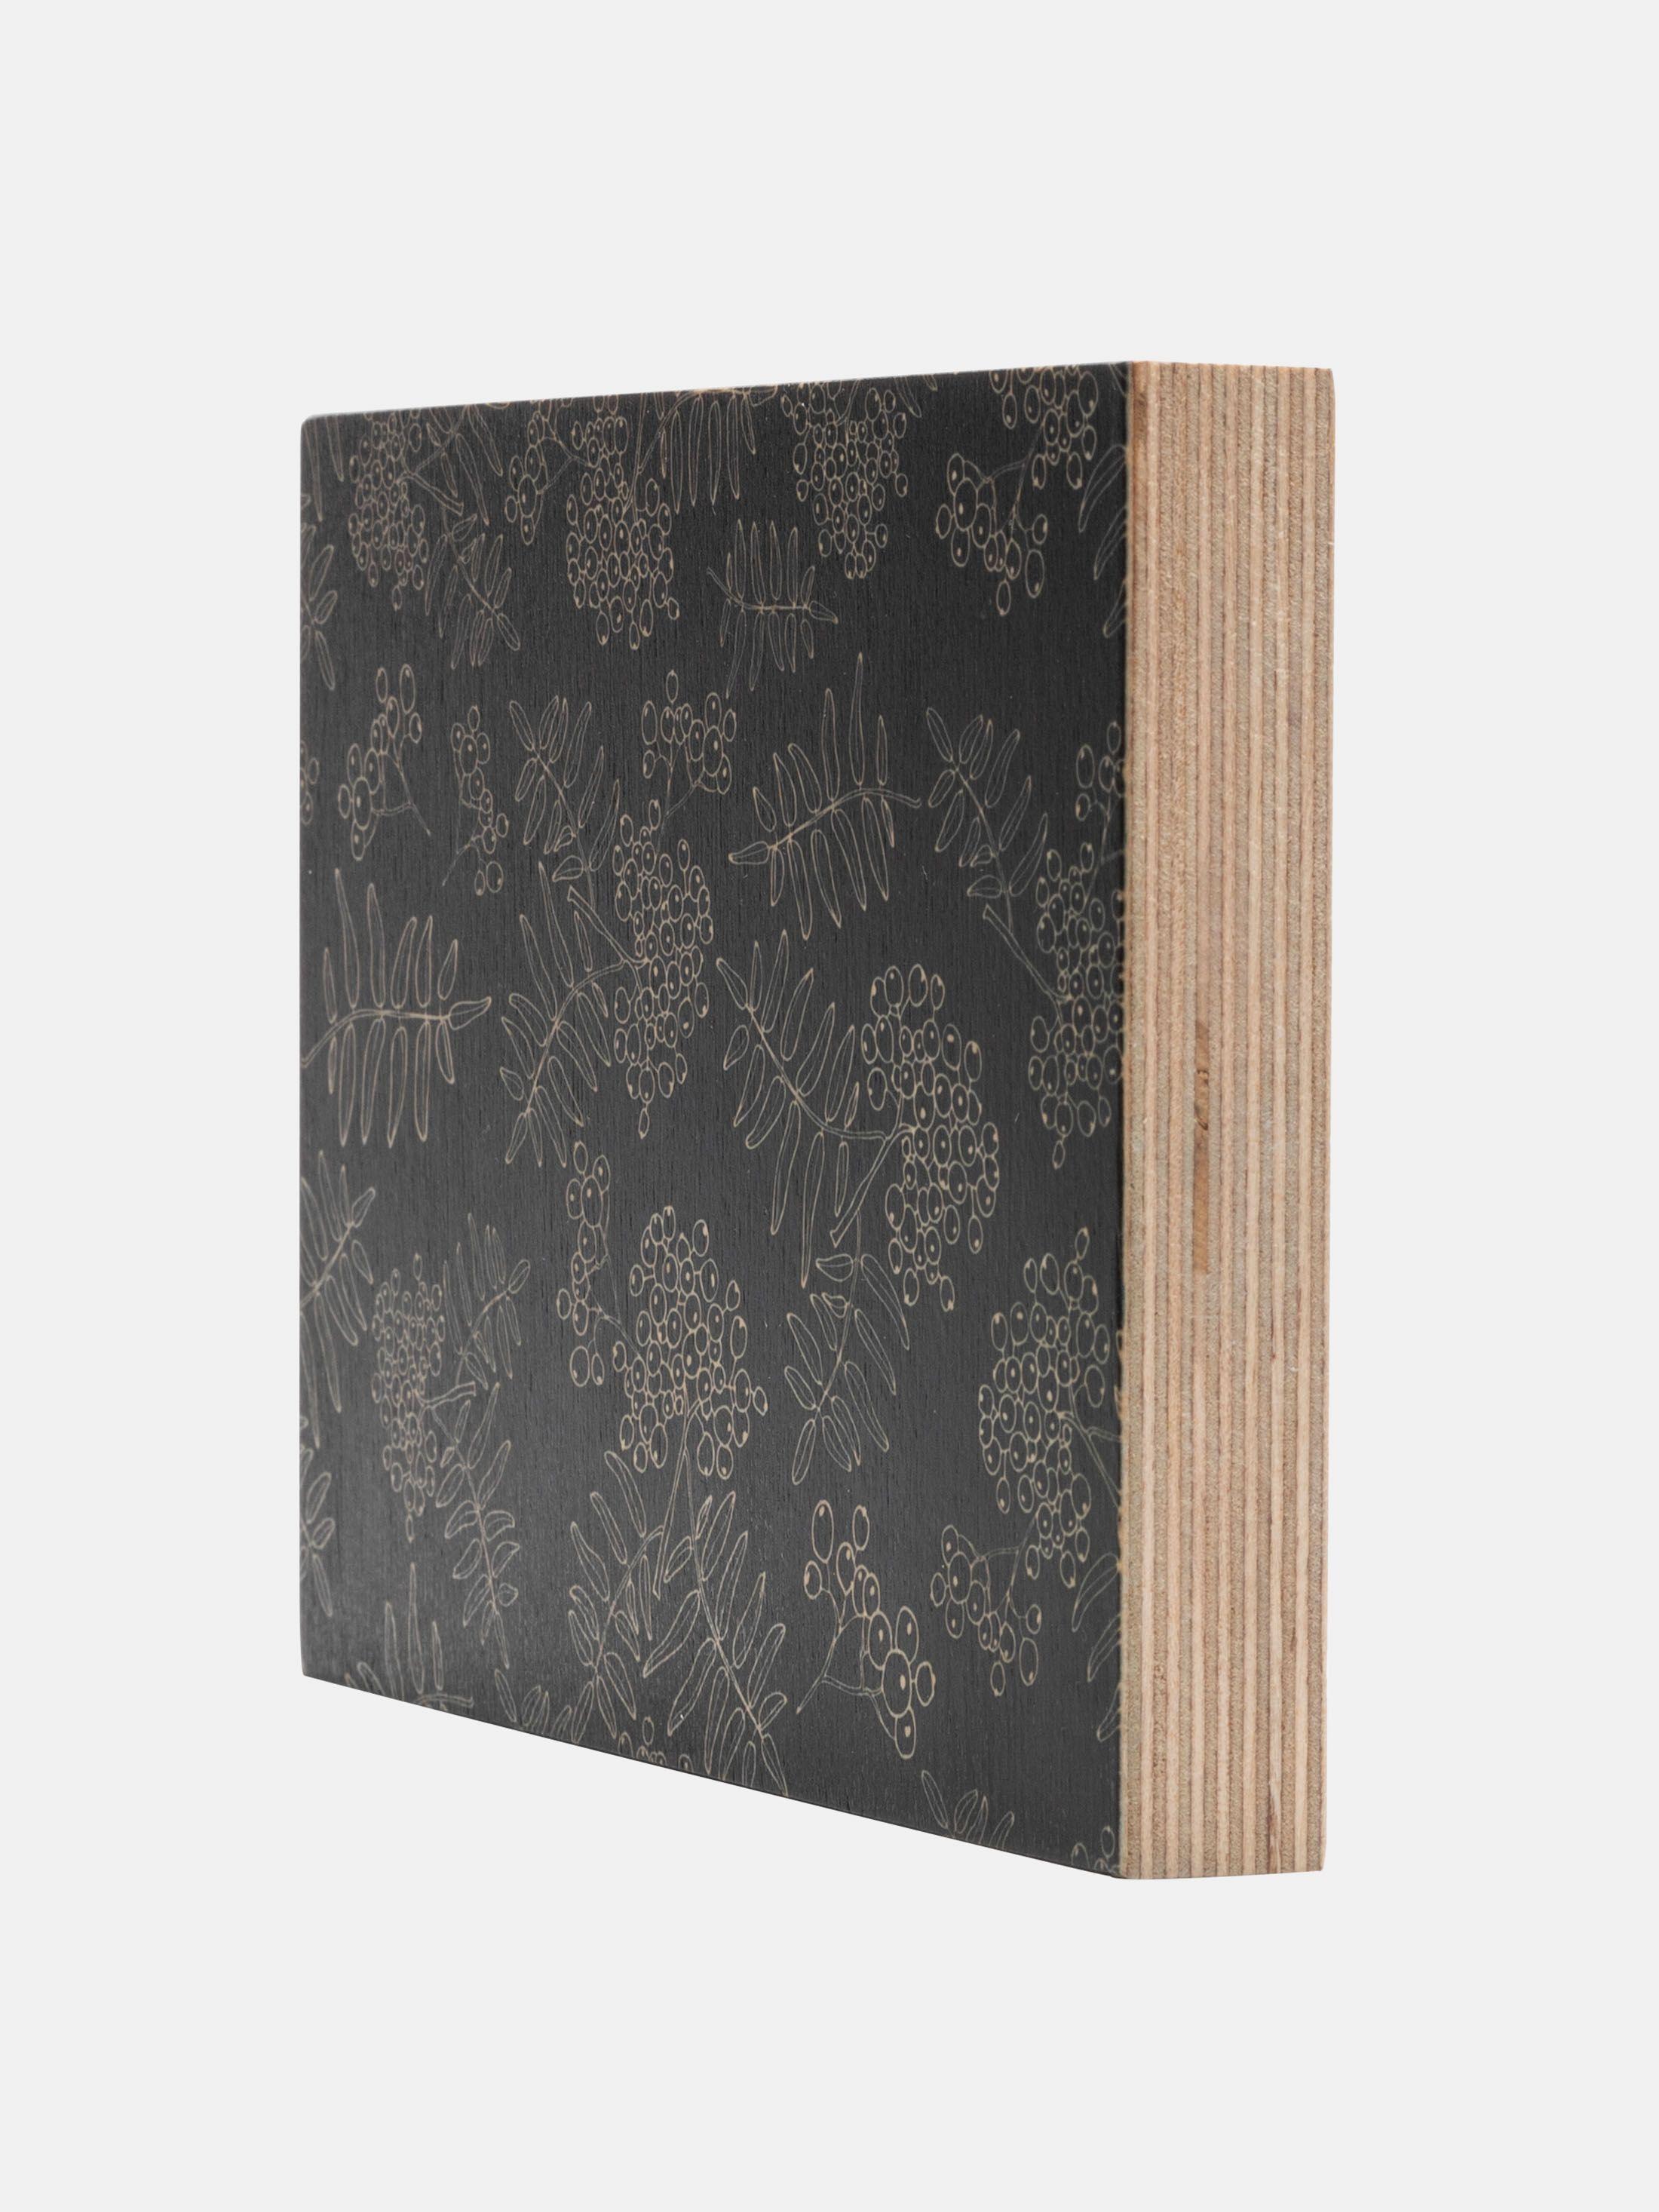 Stampa su blocchi di legno